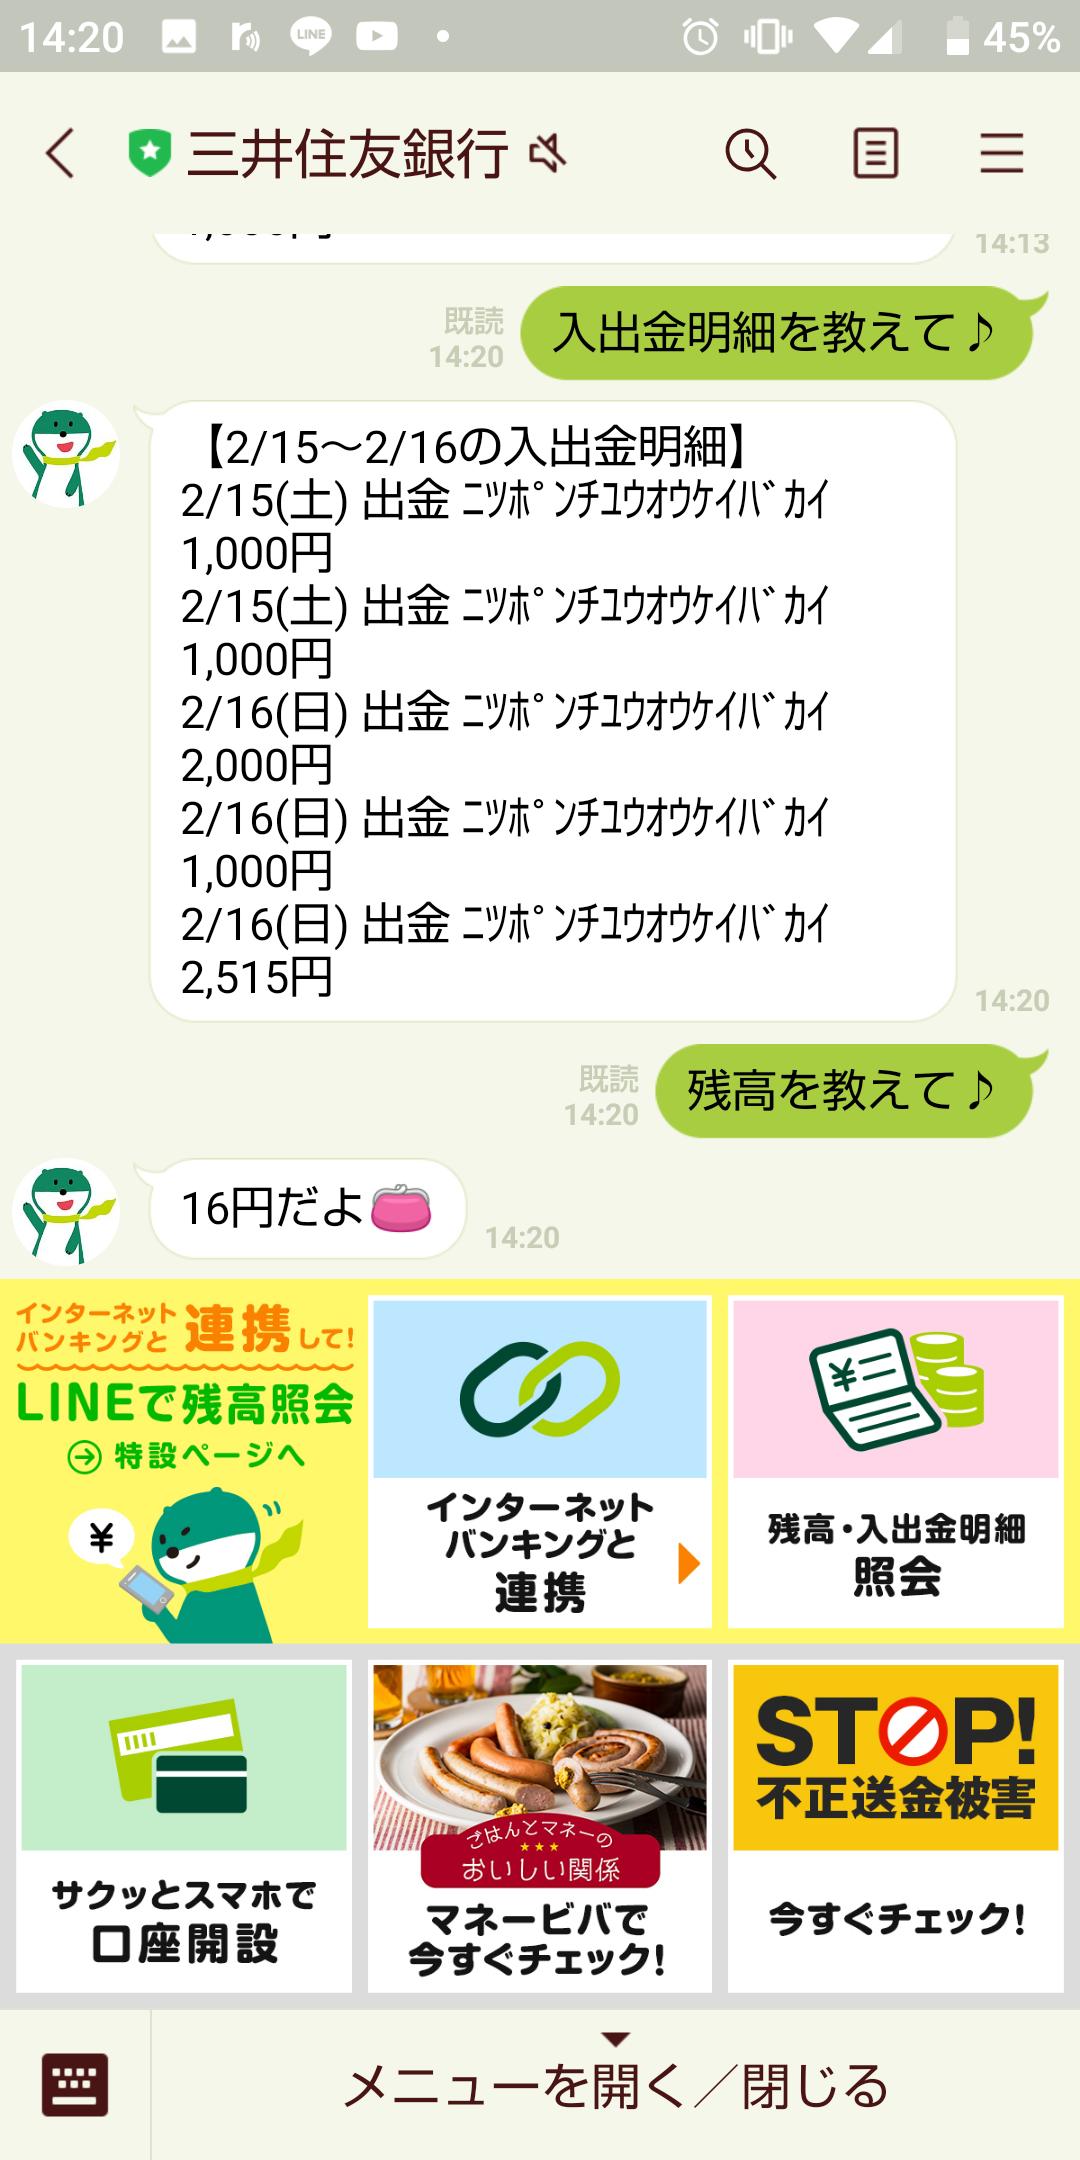 Od2xGy3